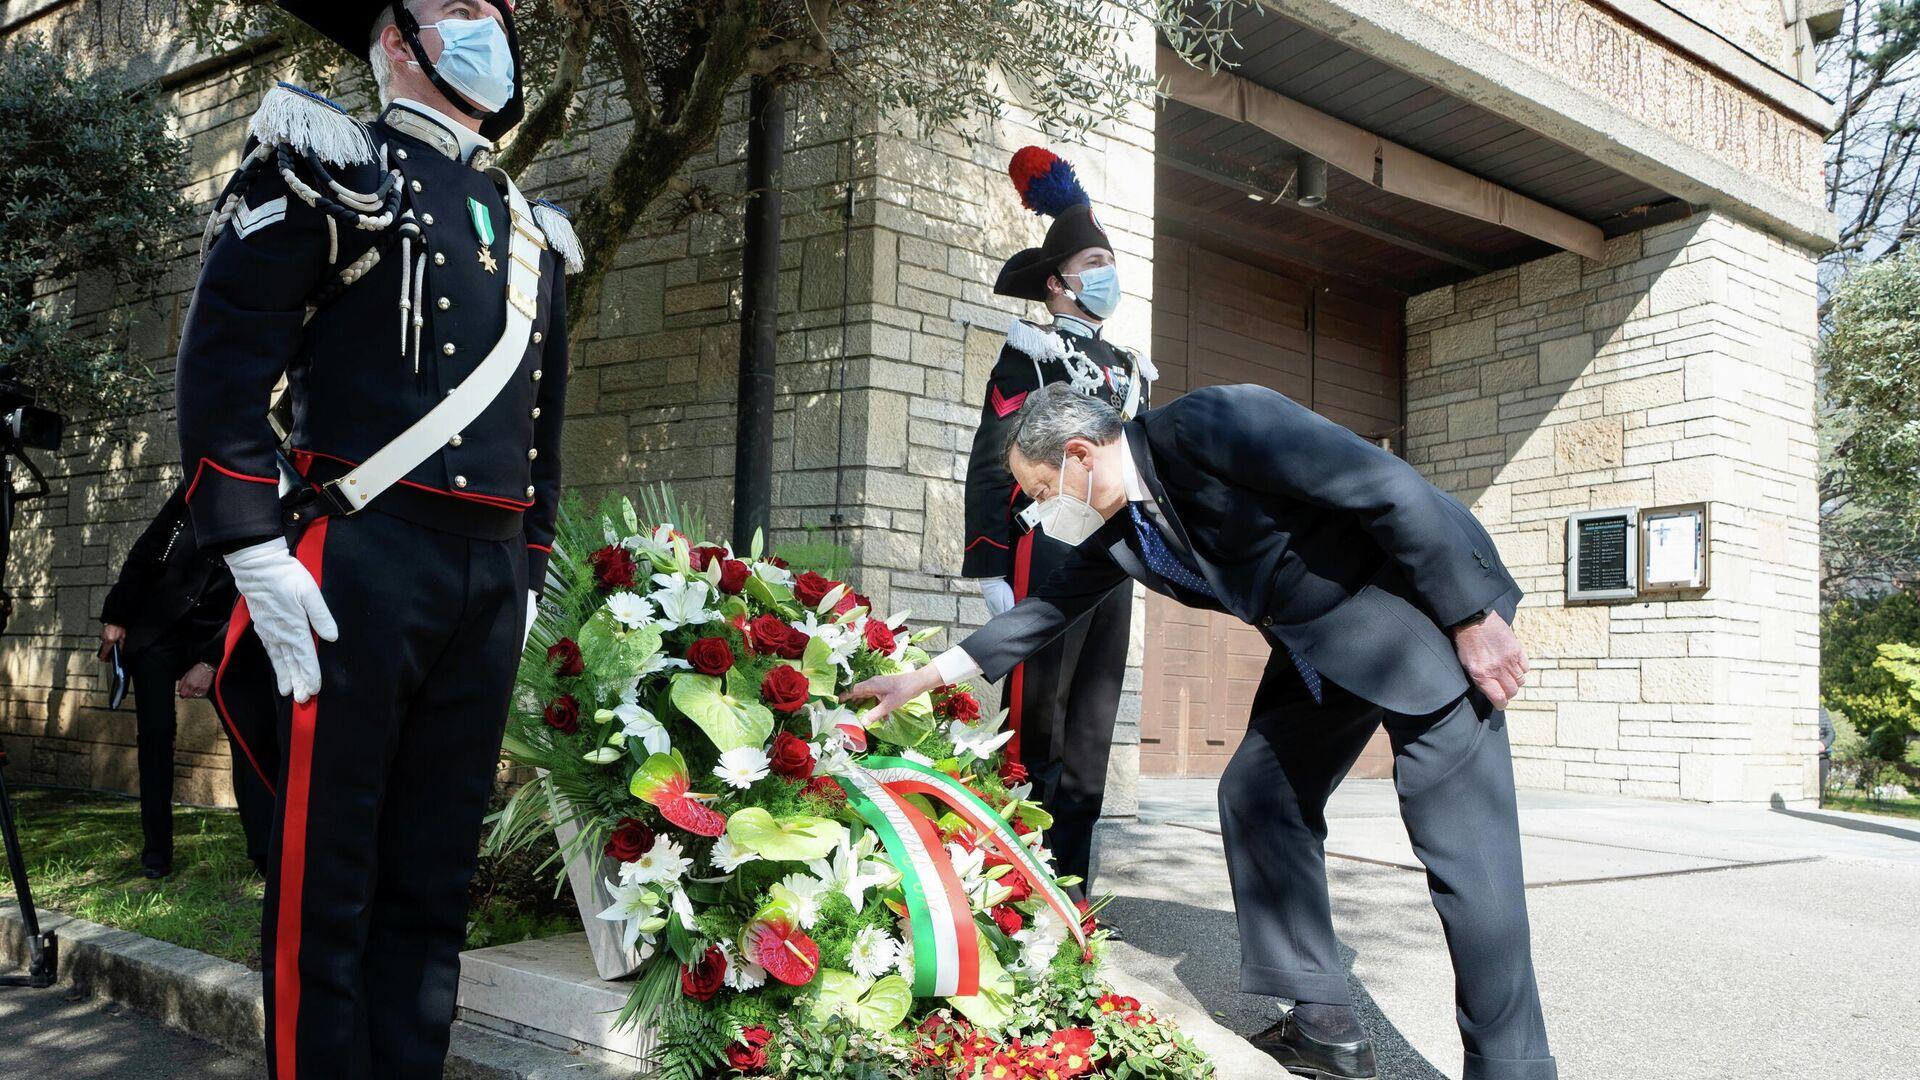 Mario Draghi, primer ministro de Italia pone una corona de laurel en el Cementerio monumental de la ciudad de Bérgamo el primer Día de la memoria de las víctimas del COVID-19 - Sputnik Mundo, 1920, 18.03.2021